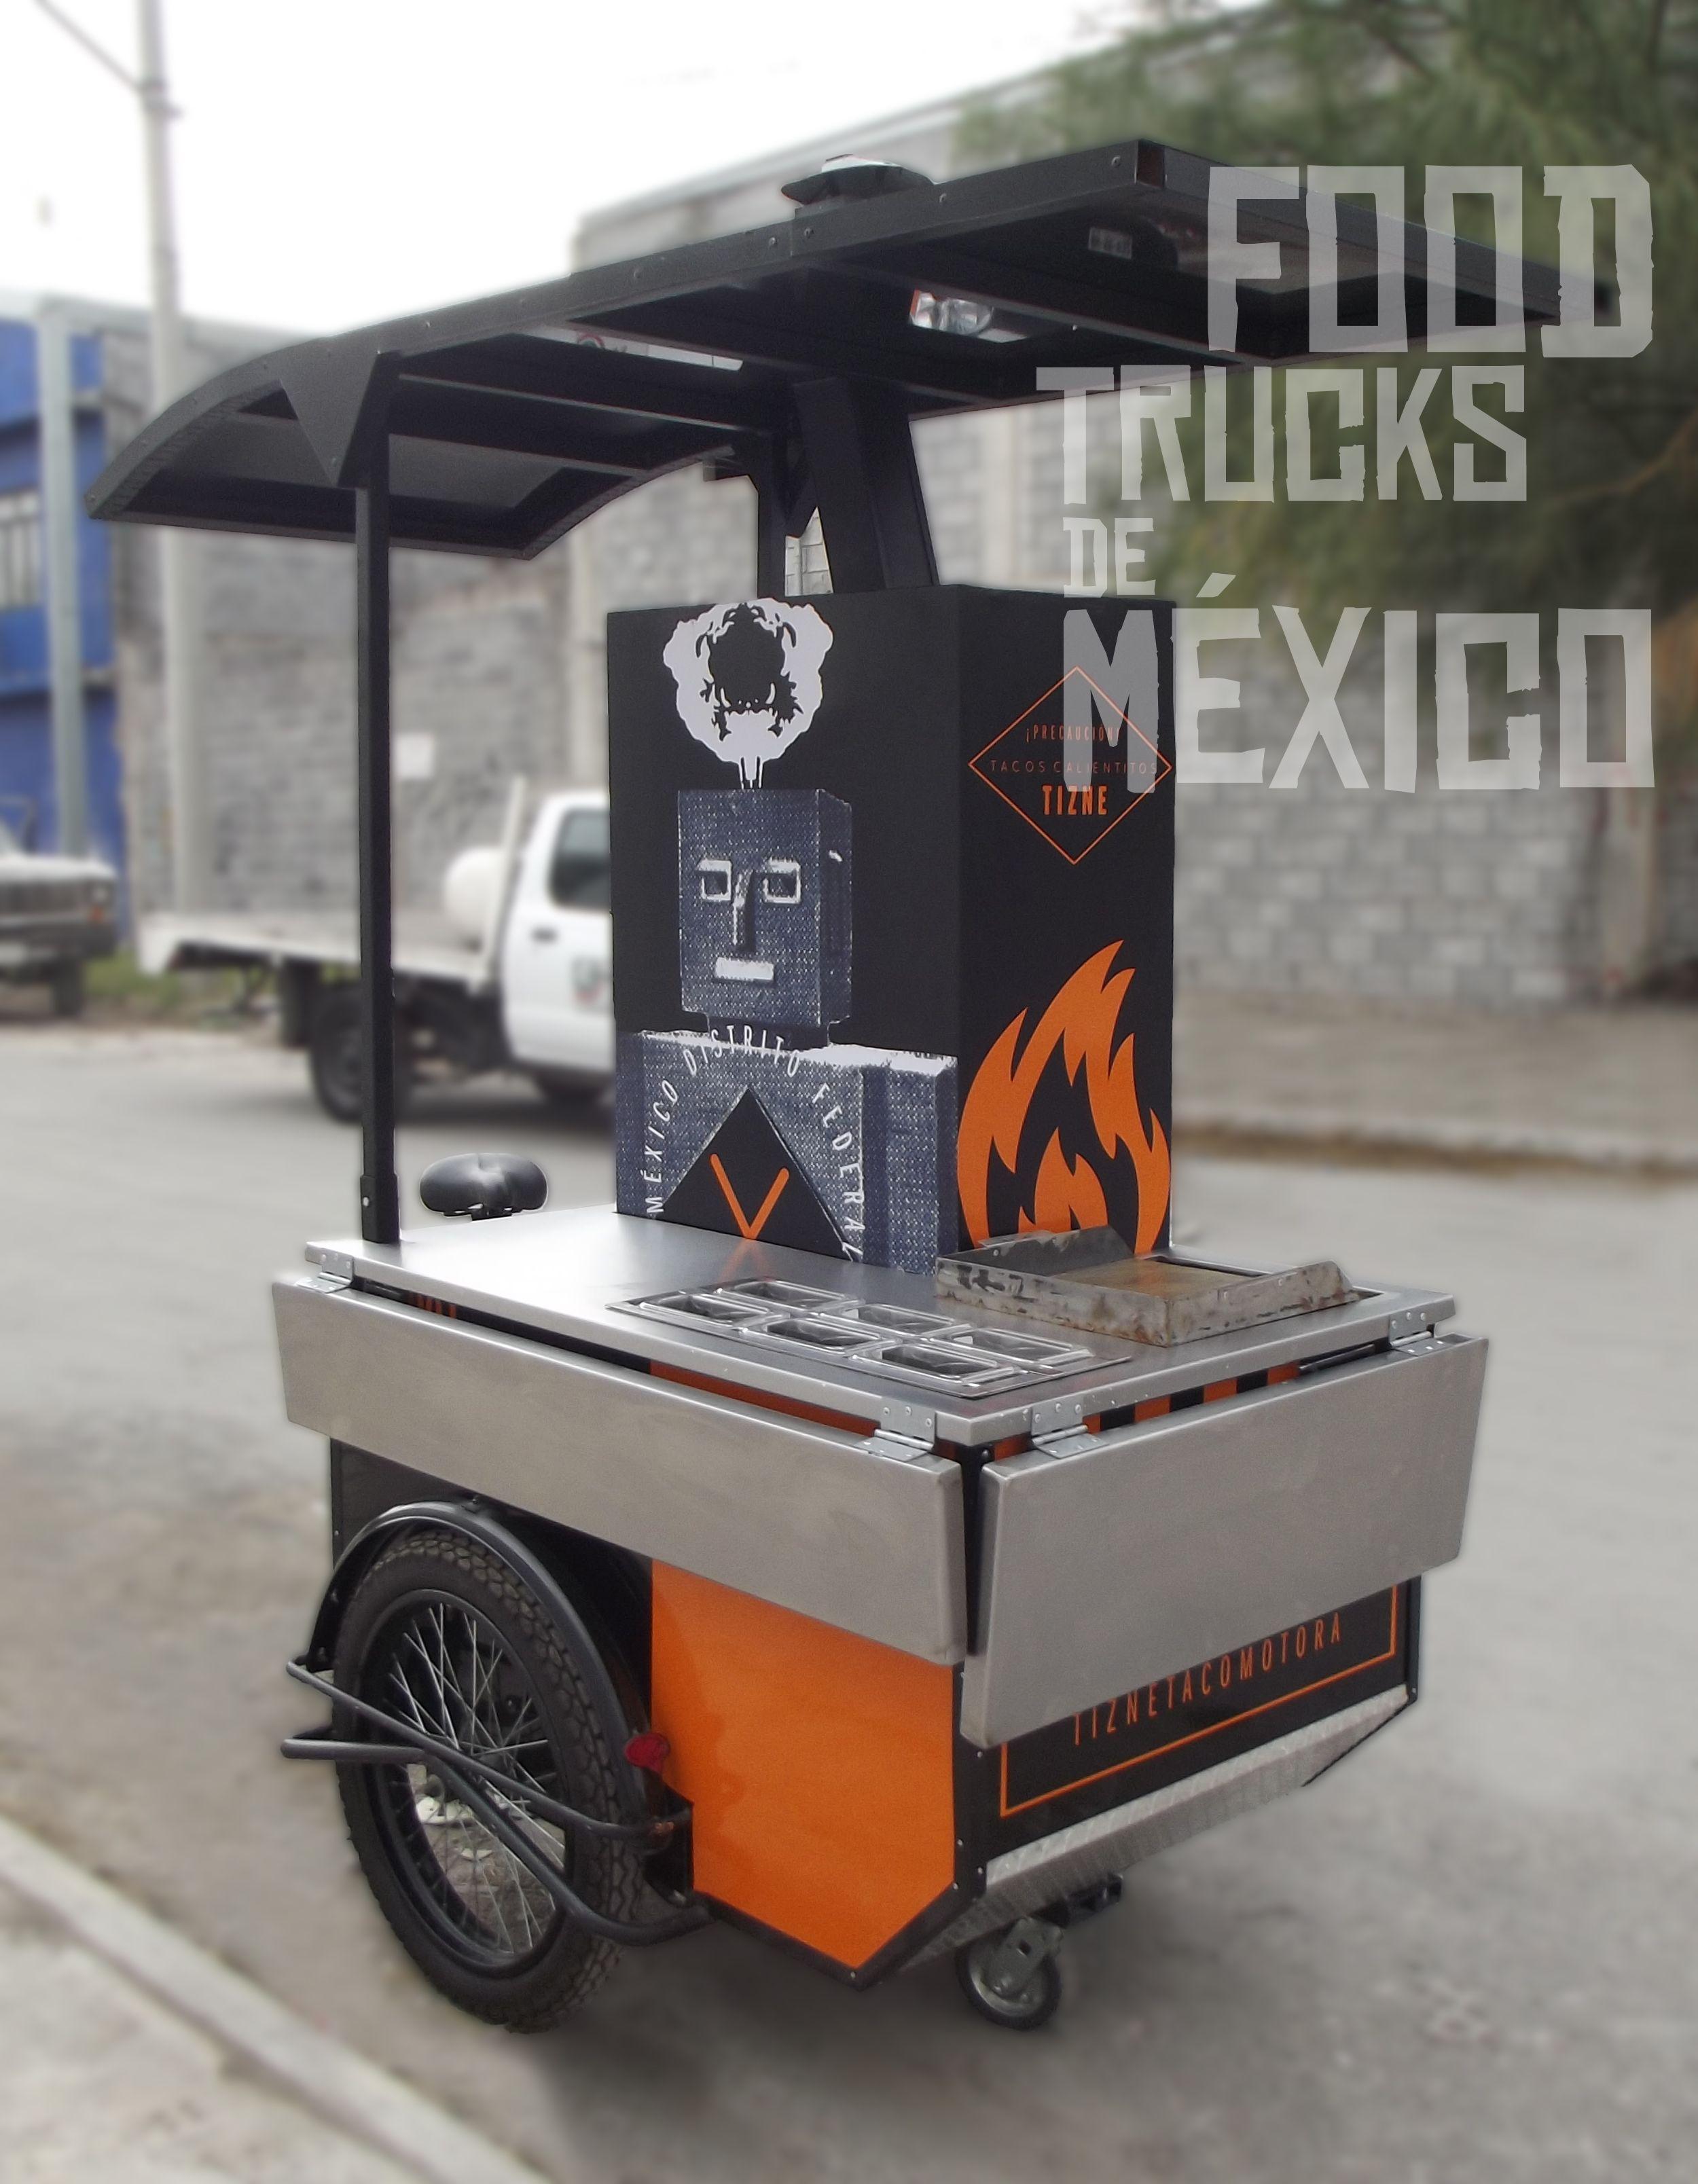 dos barras abatibles para clientes el tizne food trucks. Black Bedroom Furniture Sets. Home Design Ideas